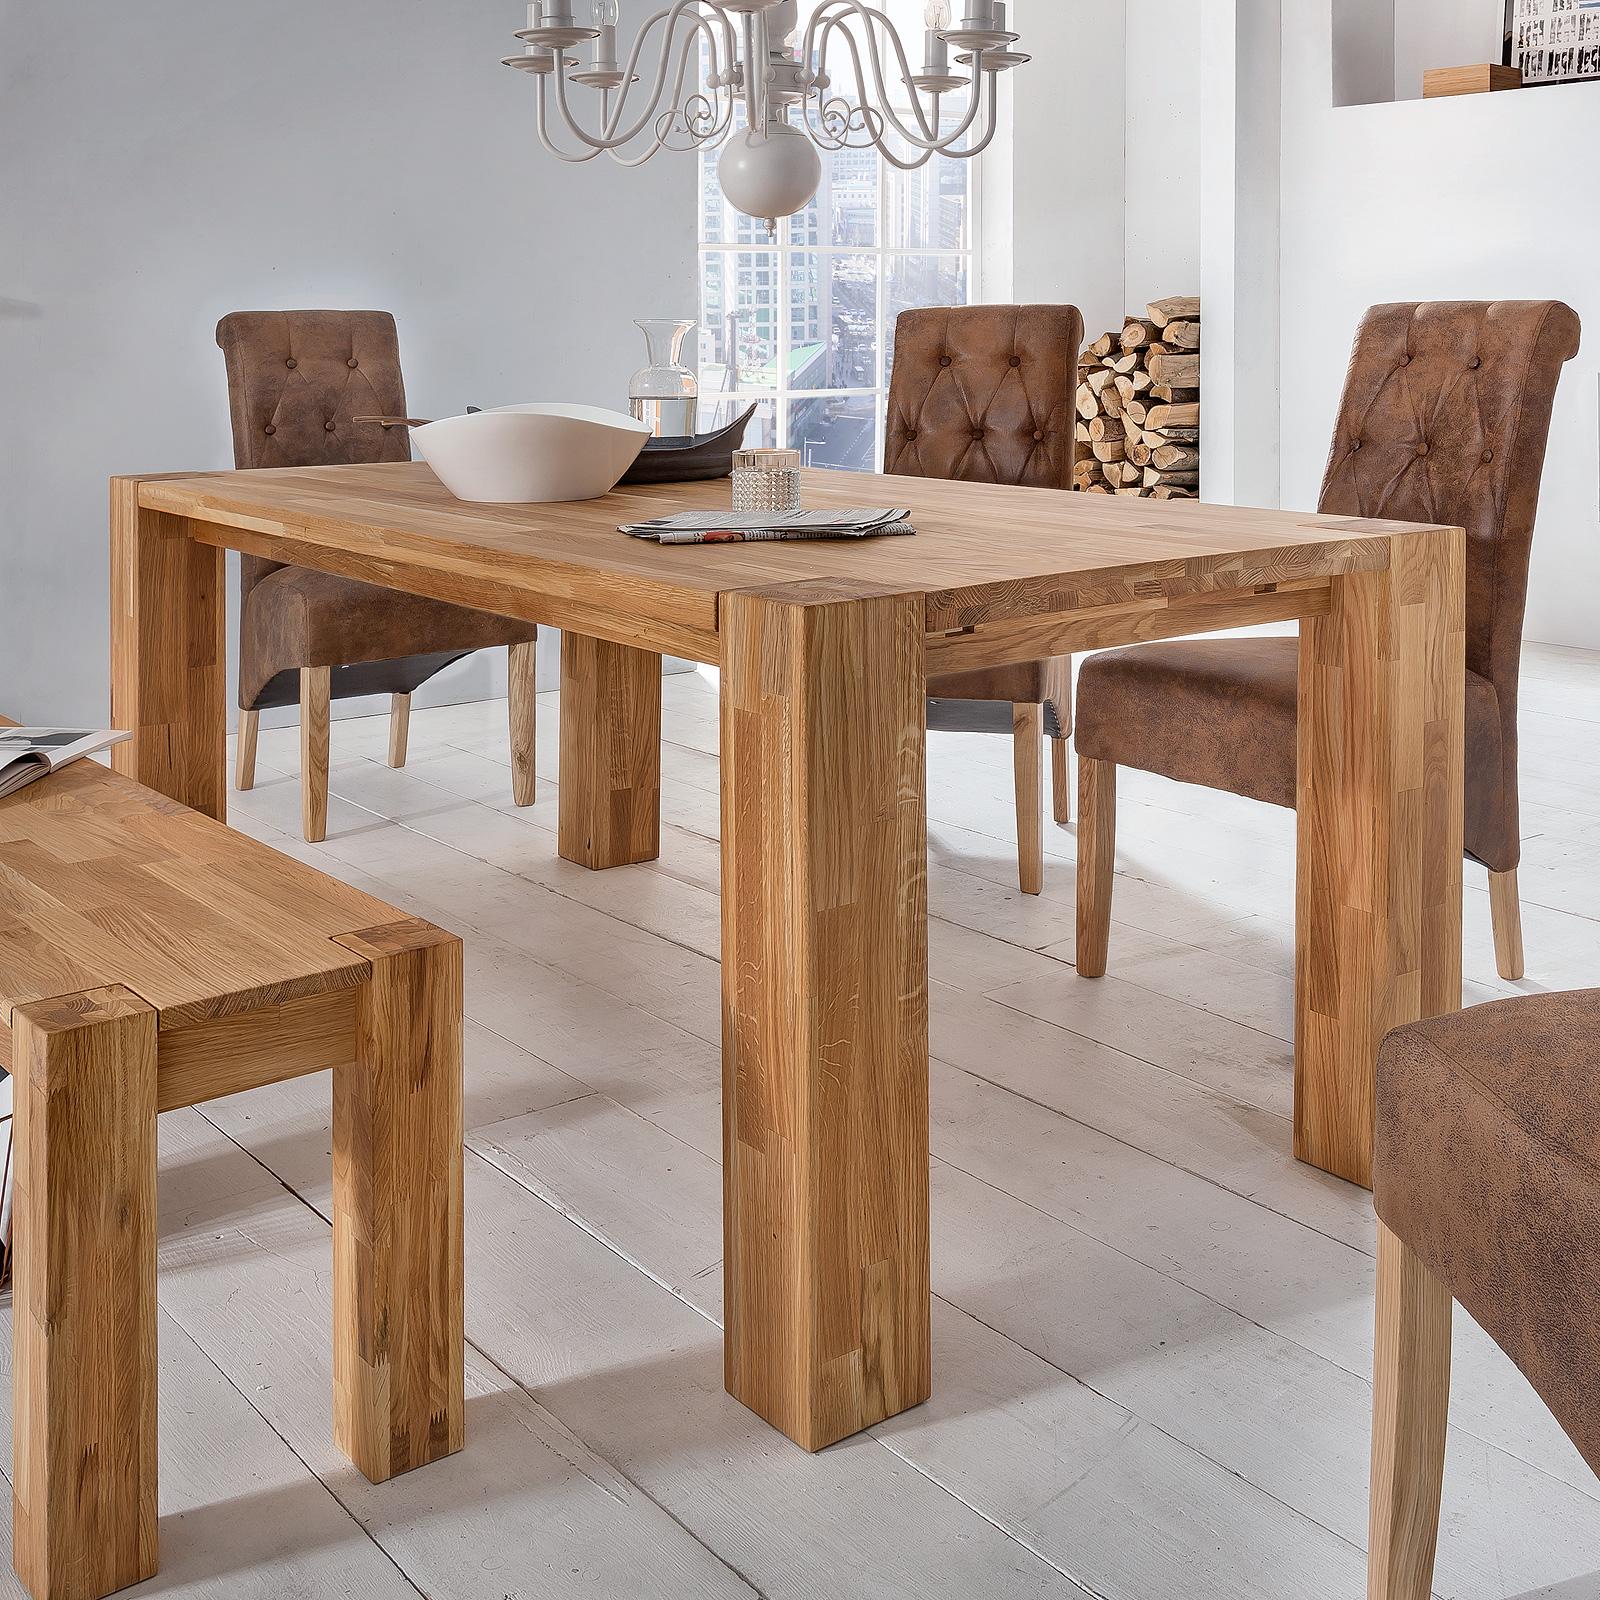 esstisch big oak esszimmertisch tisch in wildeiche massiv. Black Bedroom Furniture Sets. Home Design Ideas